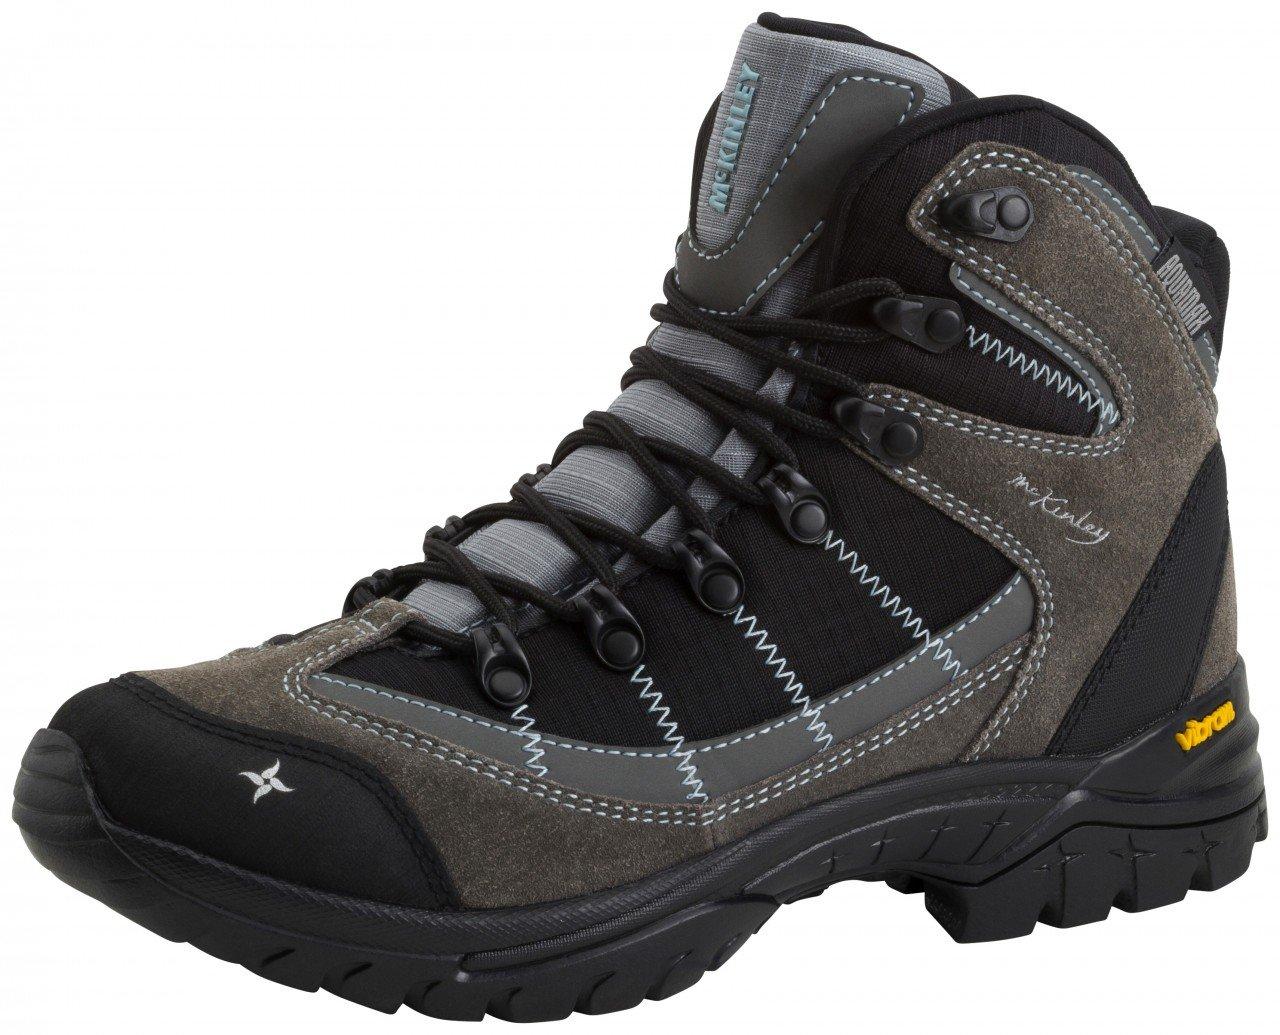 Trek-Stiefel Cordova Iii Aqx W - grau/blau/schwarz